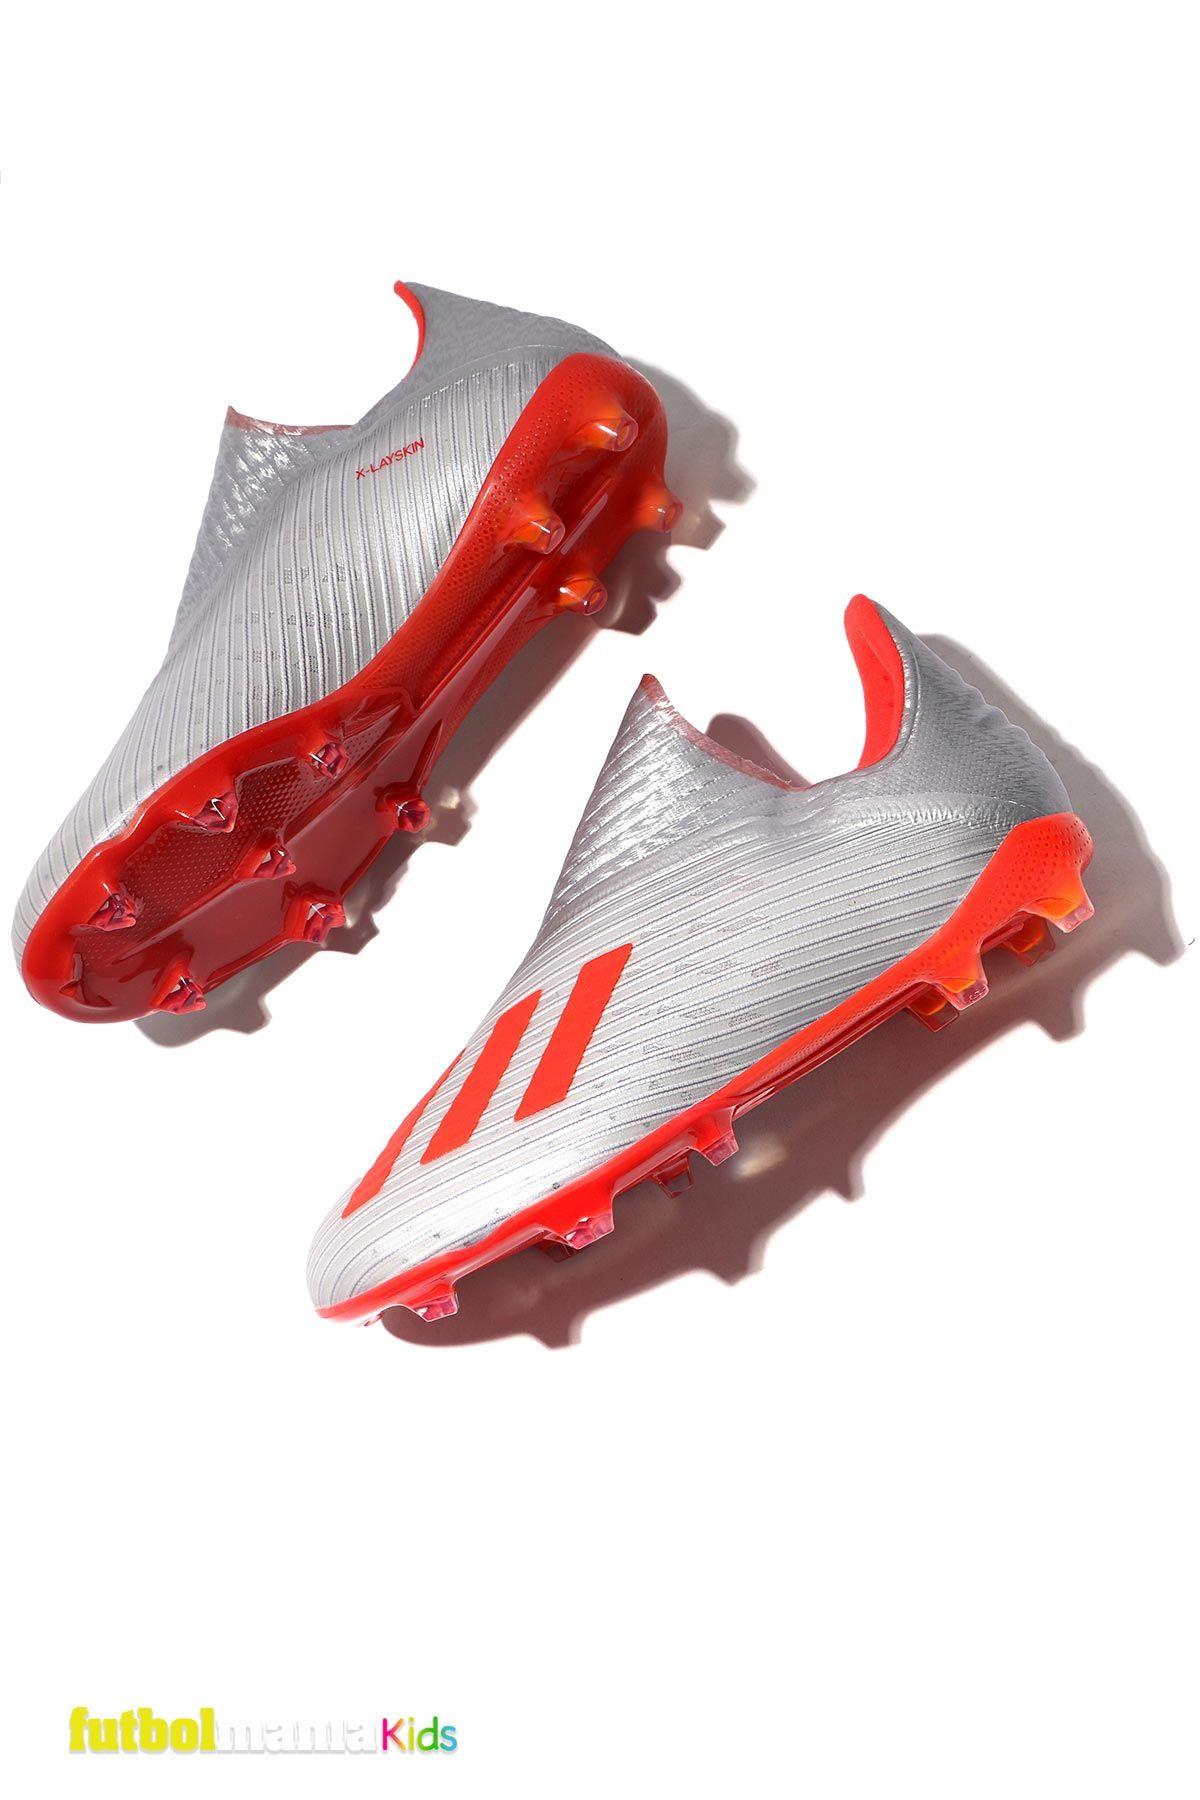 borgoña Pedagogía arena  Botas de fútbol adidas X | Botas de futbol, Botas de fútbol adidas, Zapatos  para jugar futbol